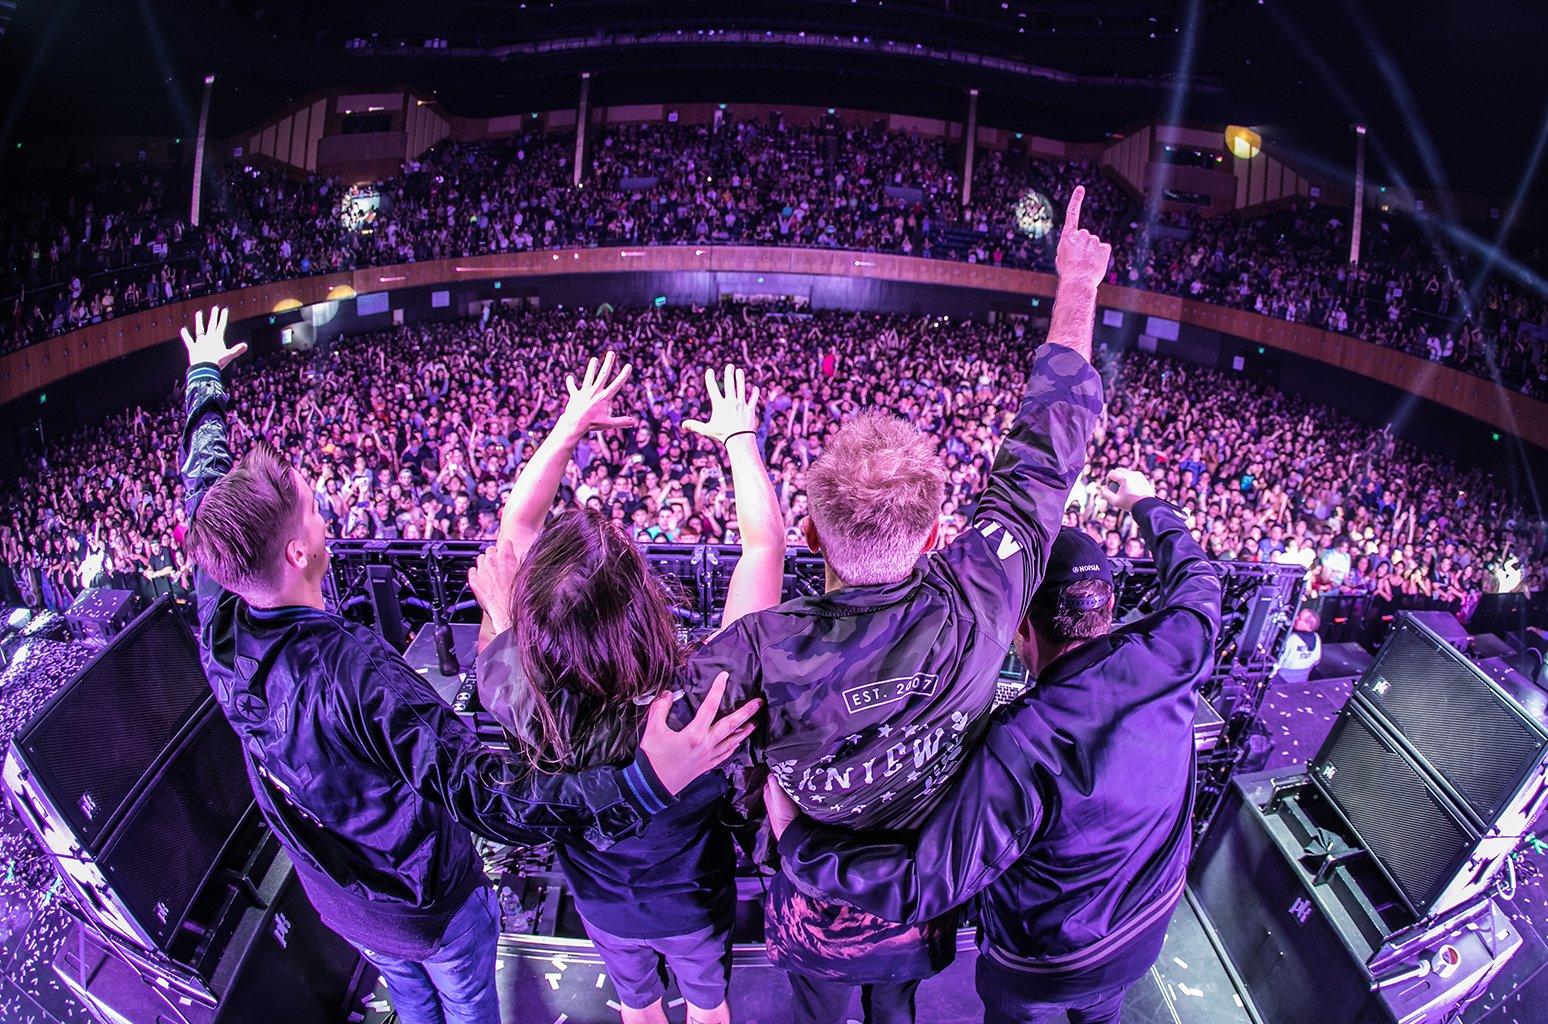 .@SevenLionsMusic, Kill the Noise & @Tritonal collab on 'Horizons' mix https://t.co/7xPYJa5ujI https://t.co/1ZgMNtNkJz